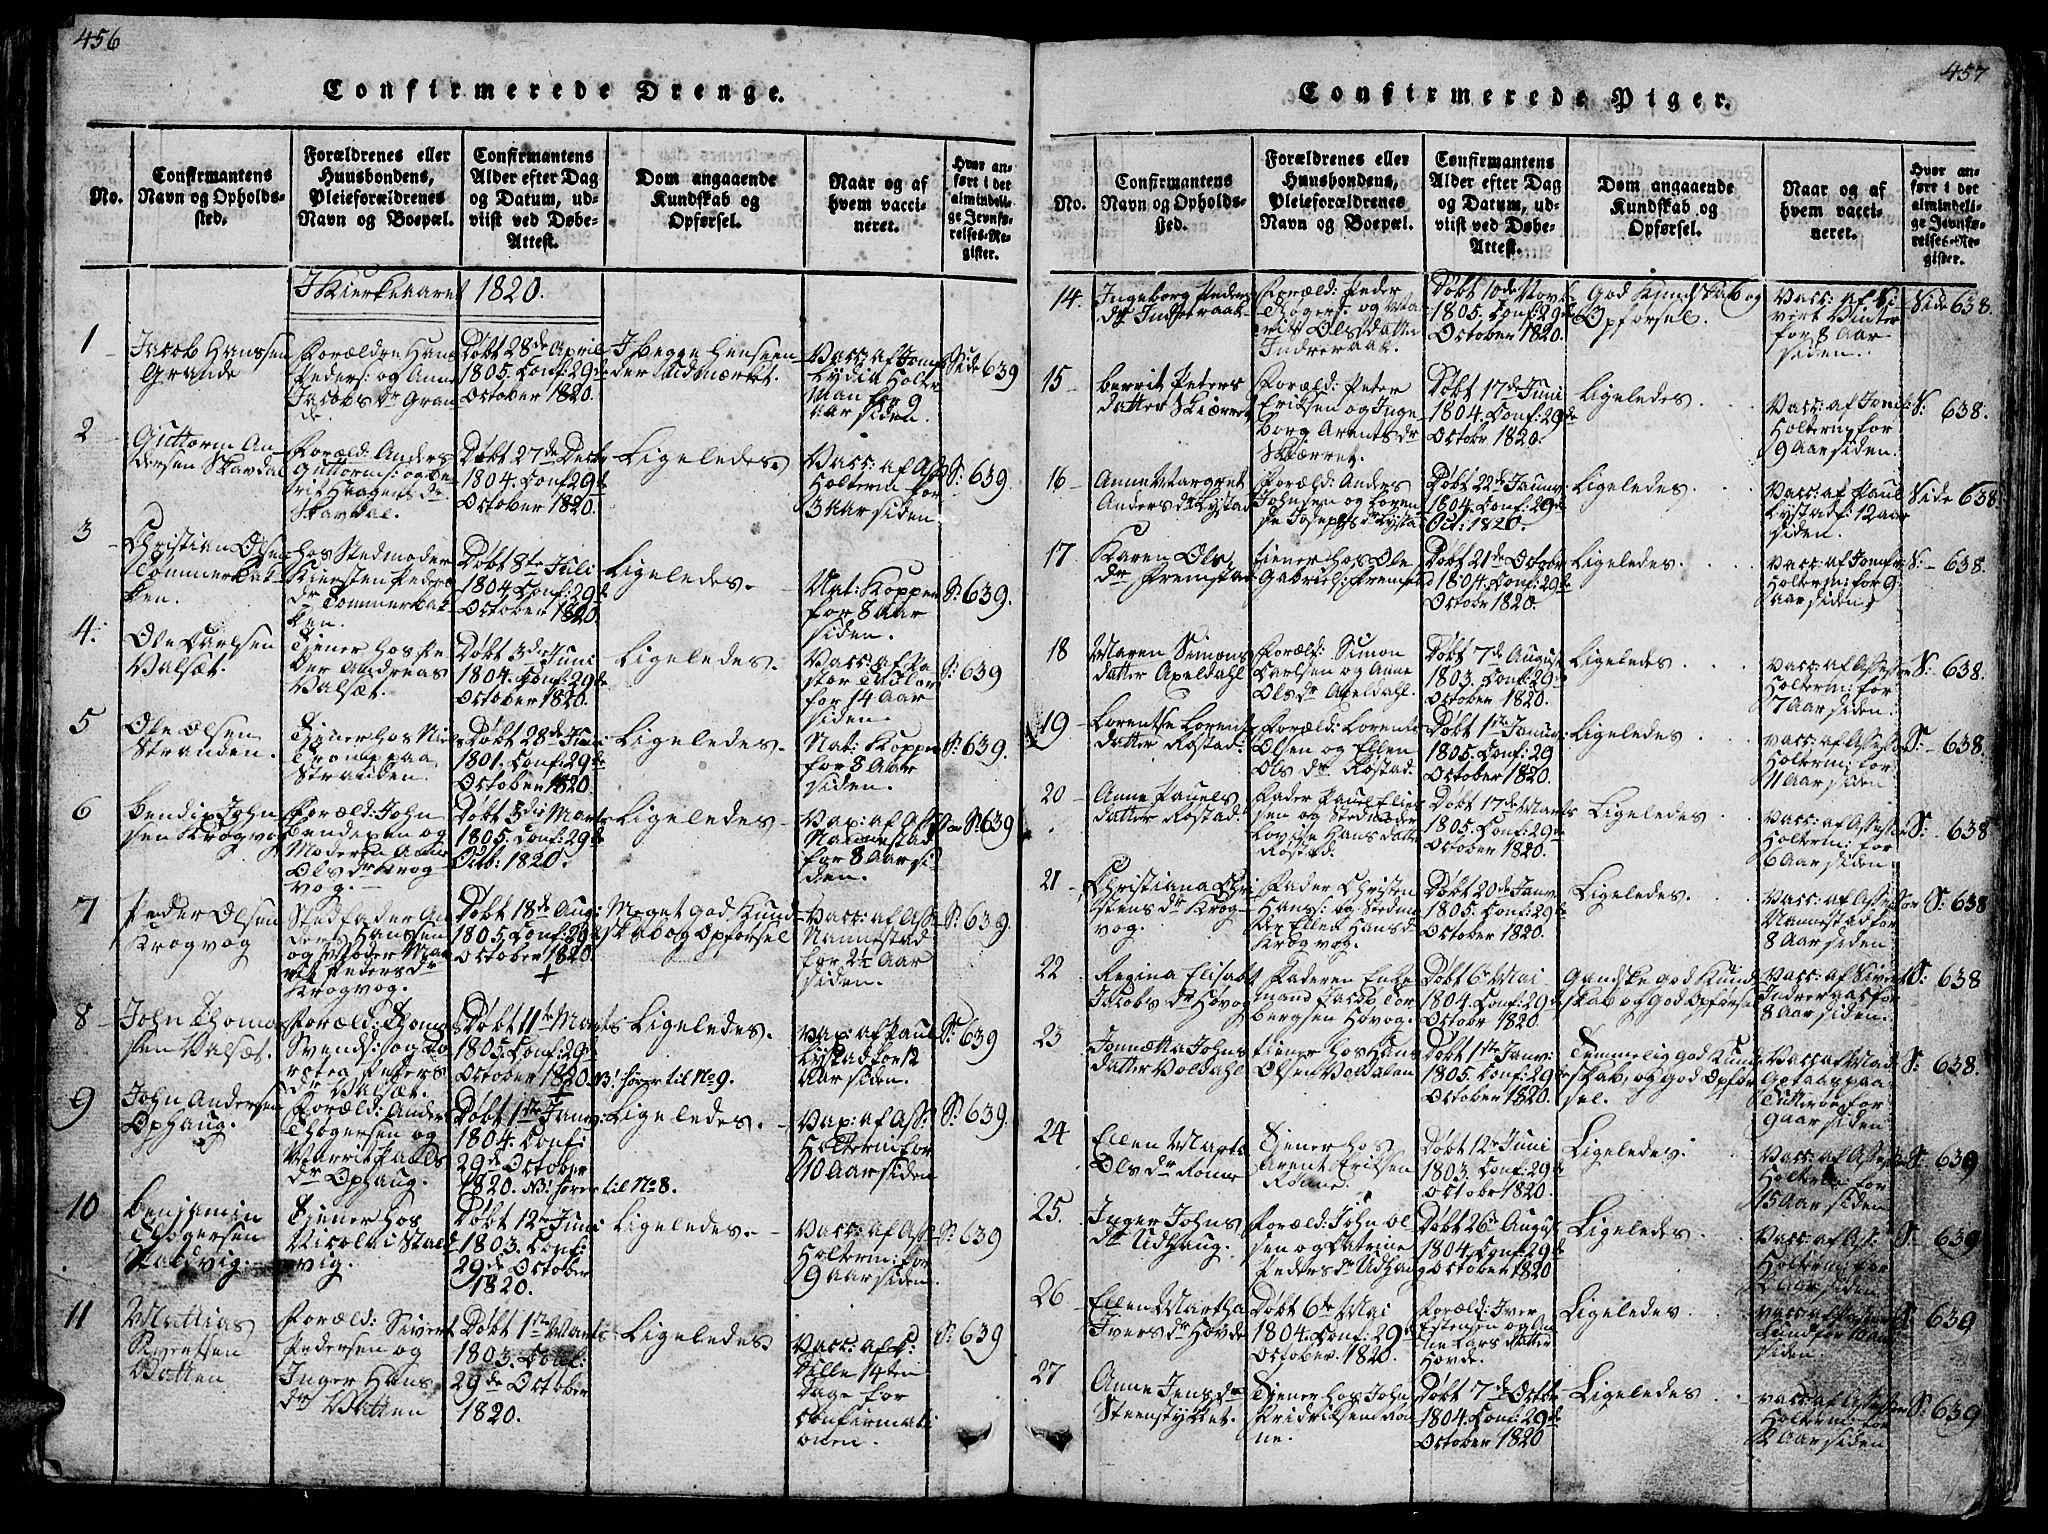 SAT, Ministerialprotokoller, klokkerbøker og fødselsregistre - Sør-Trøndelag, 659/L0744: Klokkerbok nr. 659C01, 1818-1825, s. 456-457